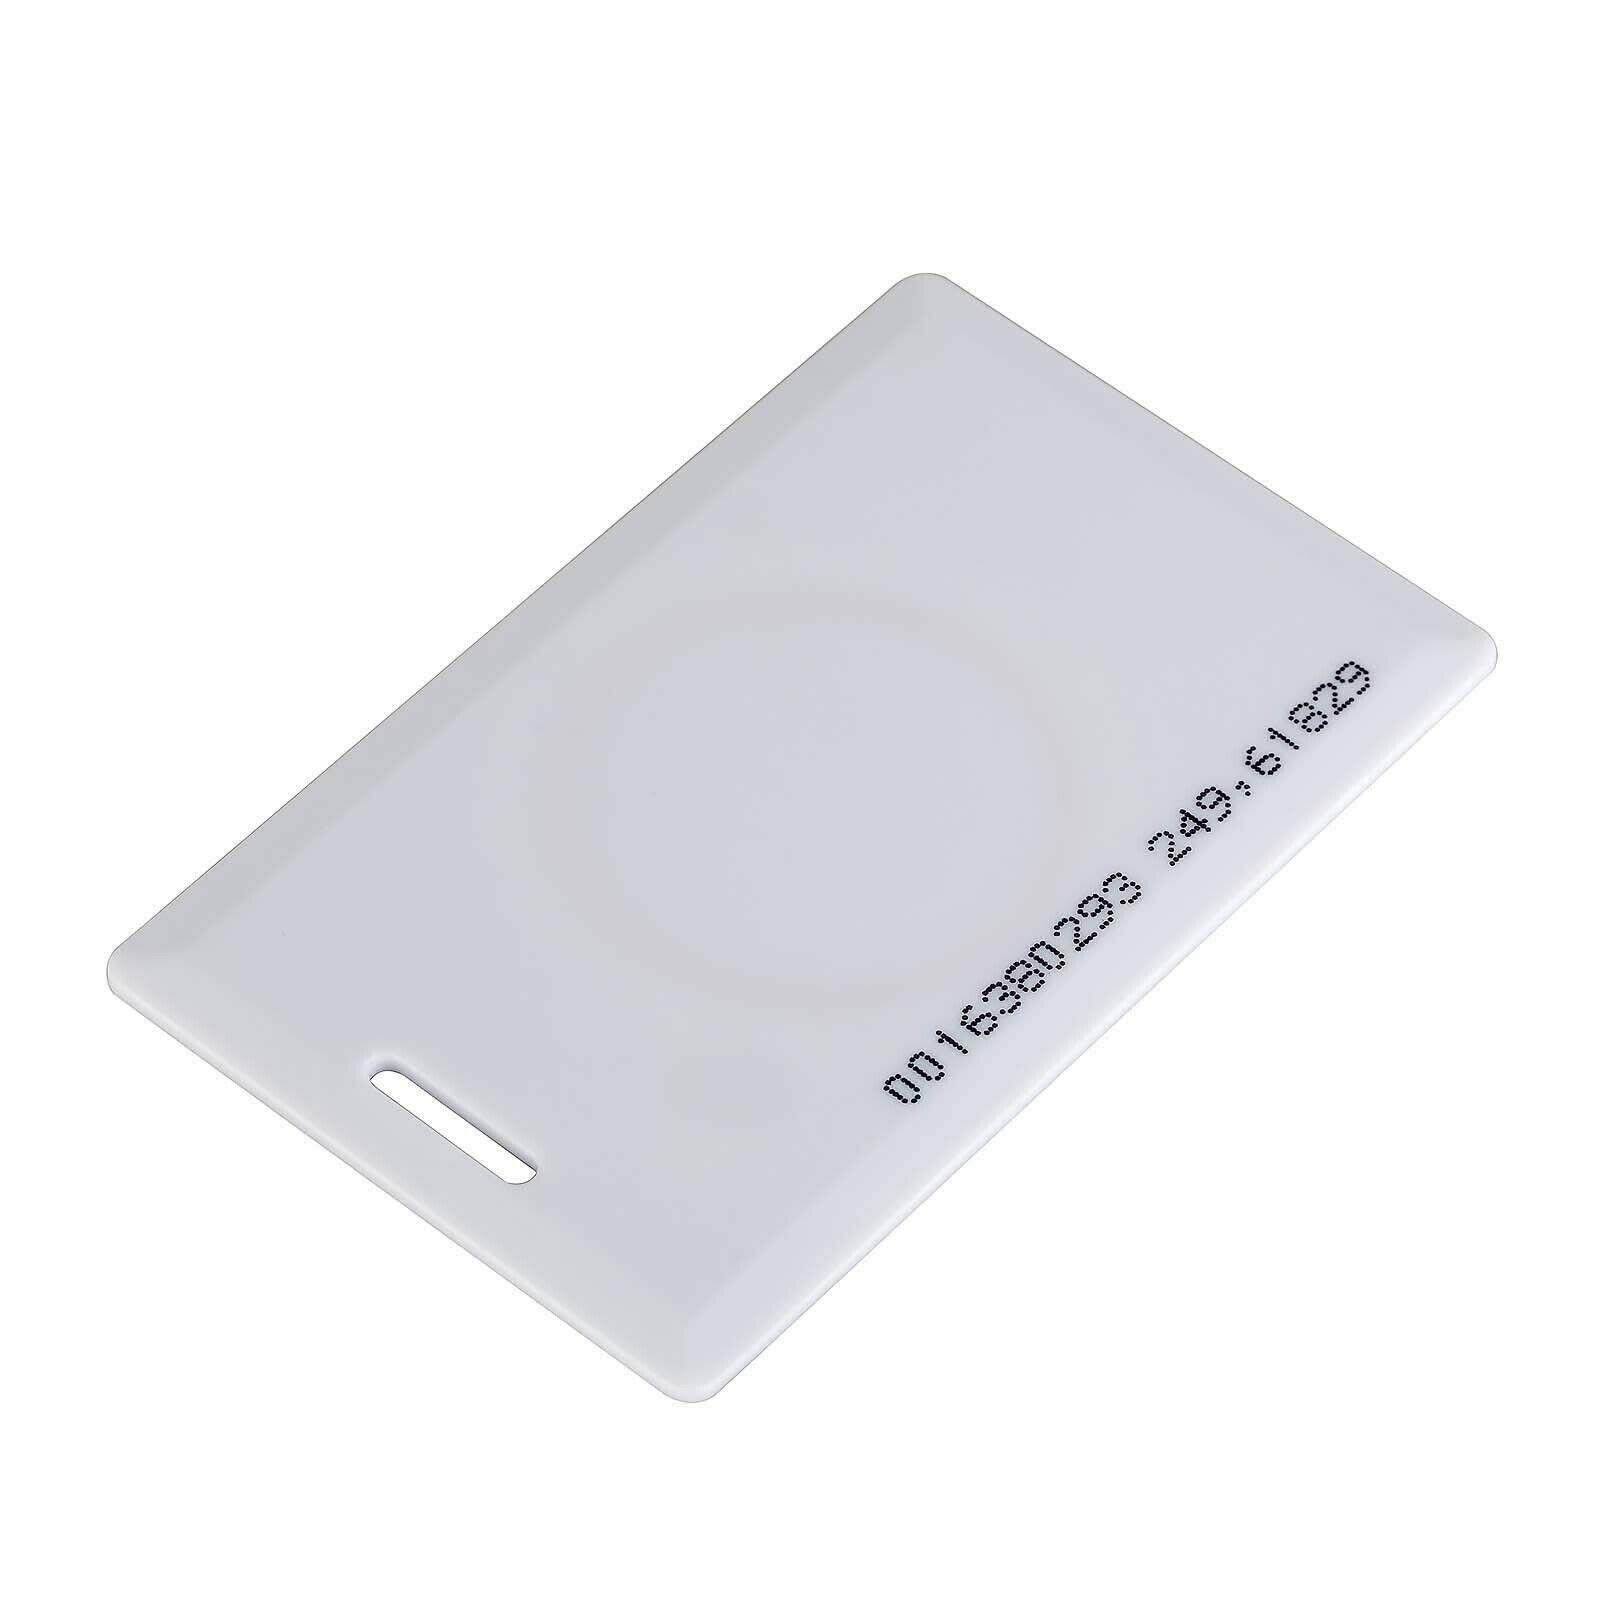 10 pces lêem somente o cartão 125 khz em4100 branco 1.8mm do em do rfid para o cartão de controle de acesso da segurança do leitor da proximidade do acesso da porta